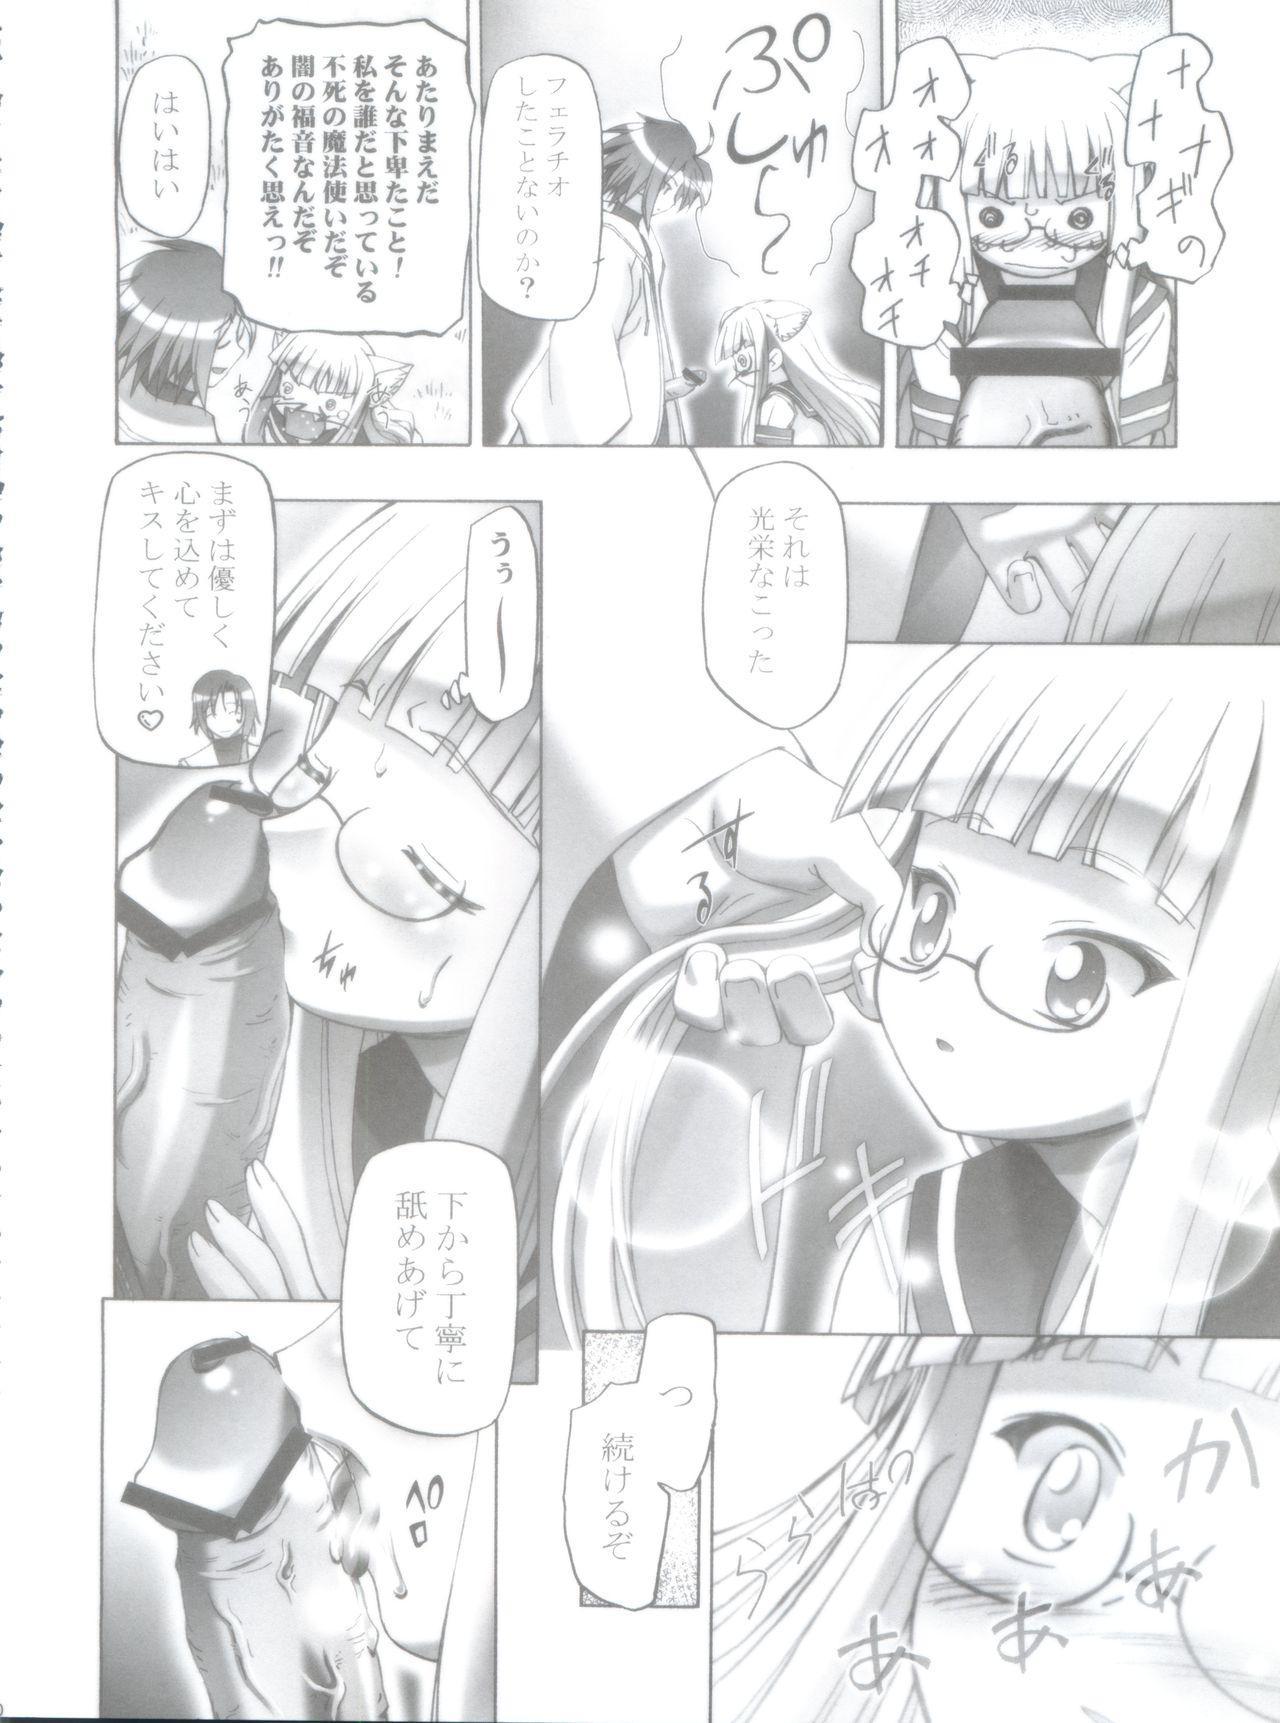 Mahora Gakuen Tyuutoubu 3-A Soushuuhen Vol. 1 29